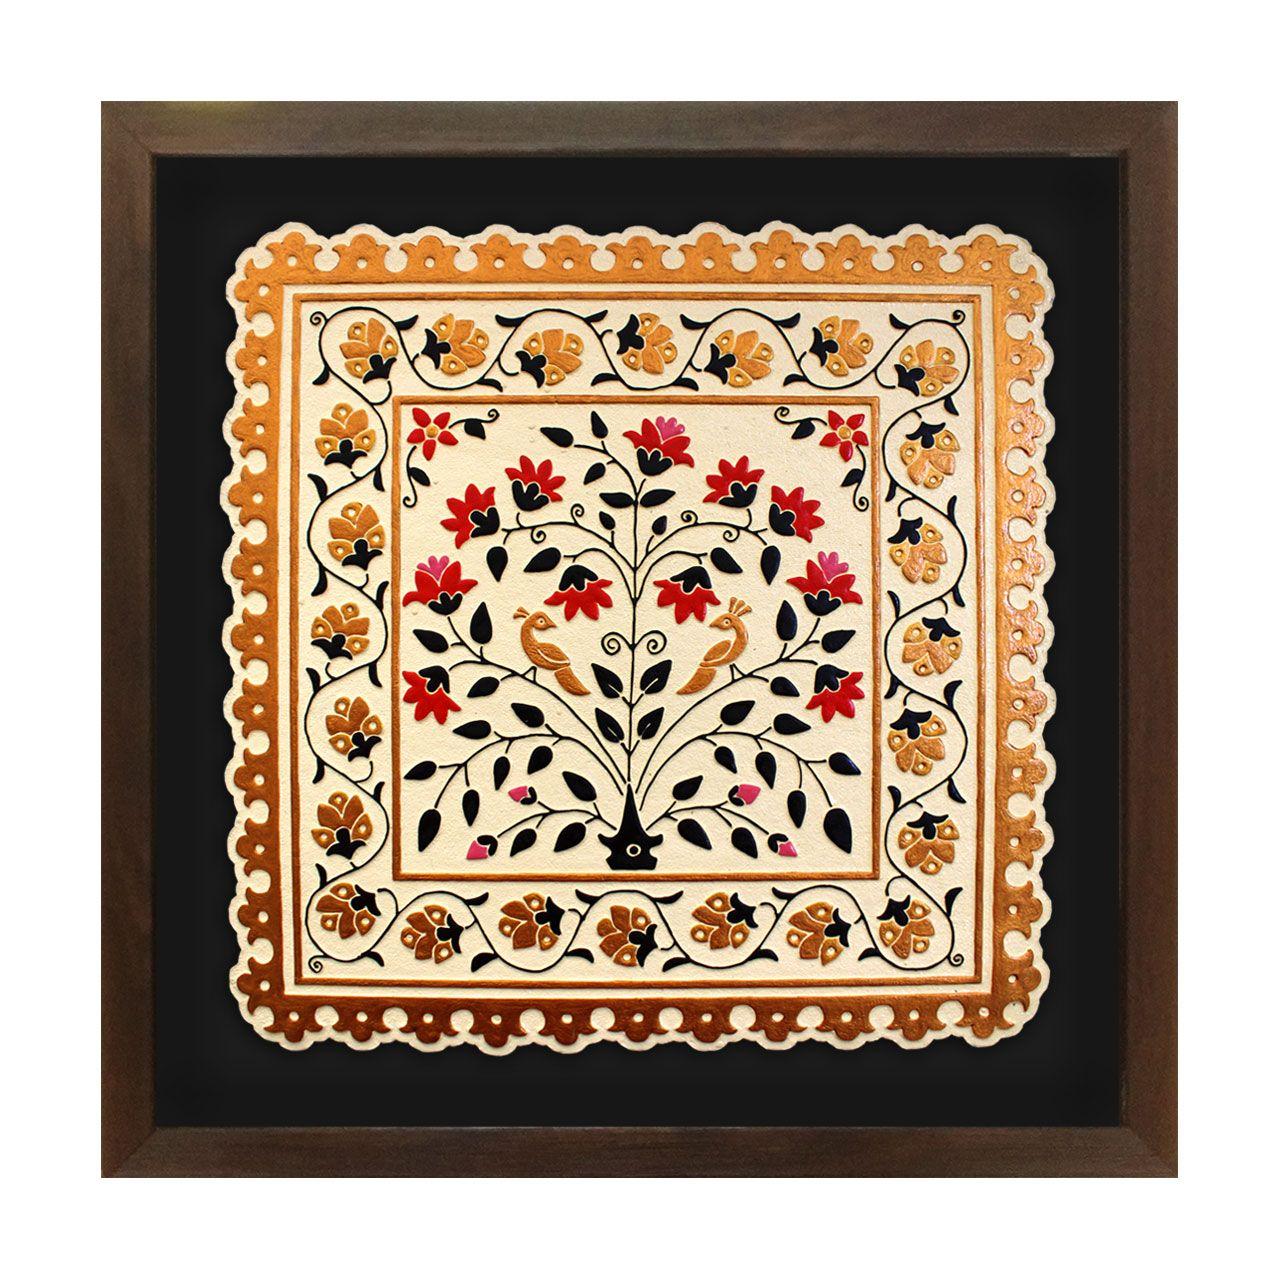 تابلو برجسته لوح هنر طرح باغ طوبی کد 191